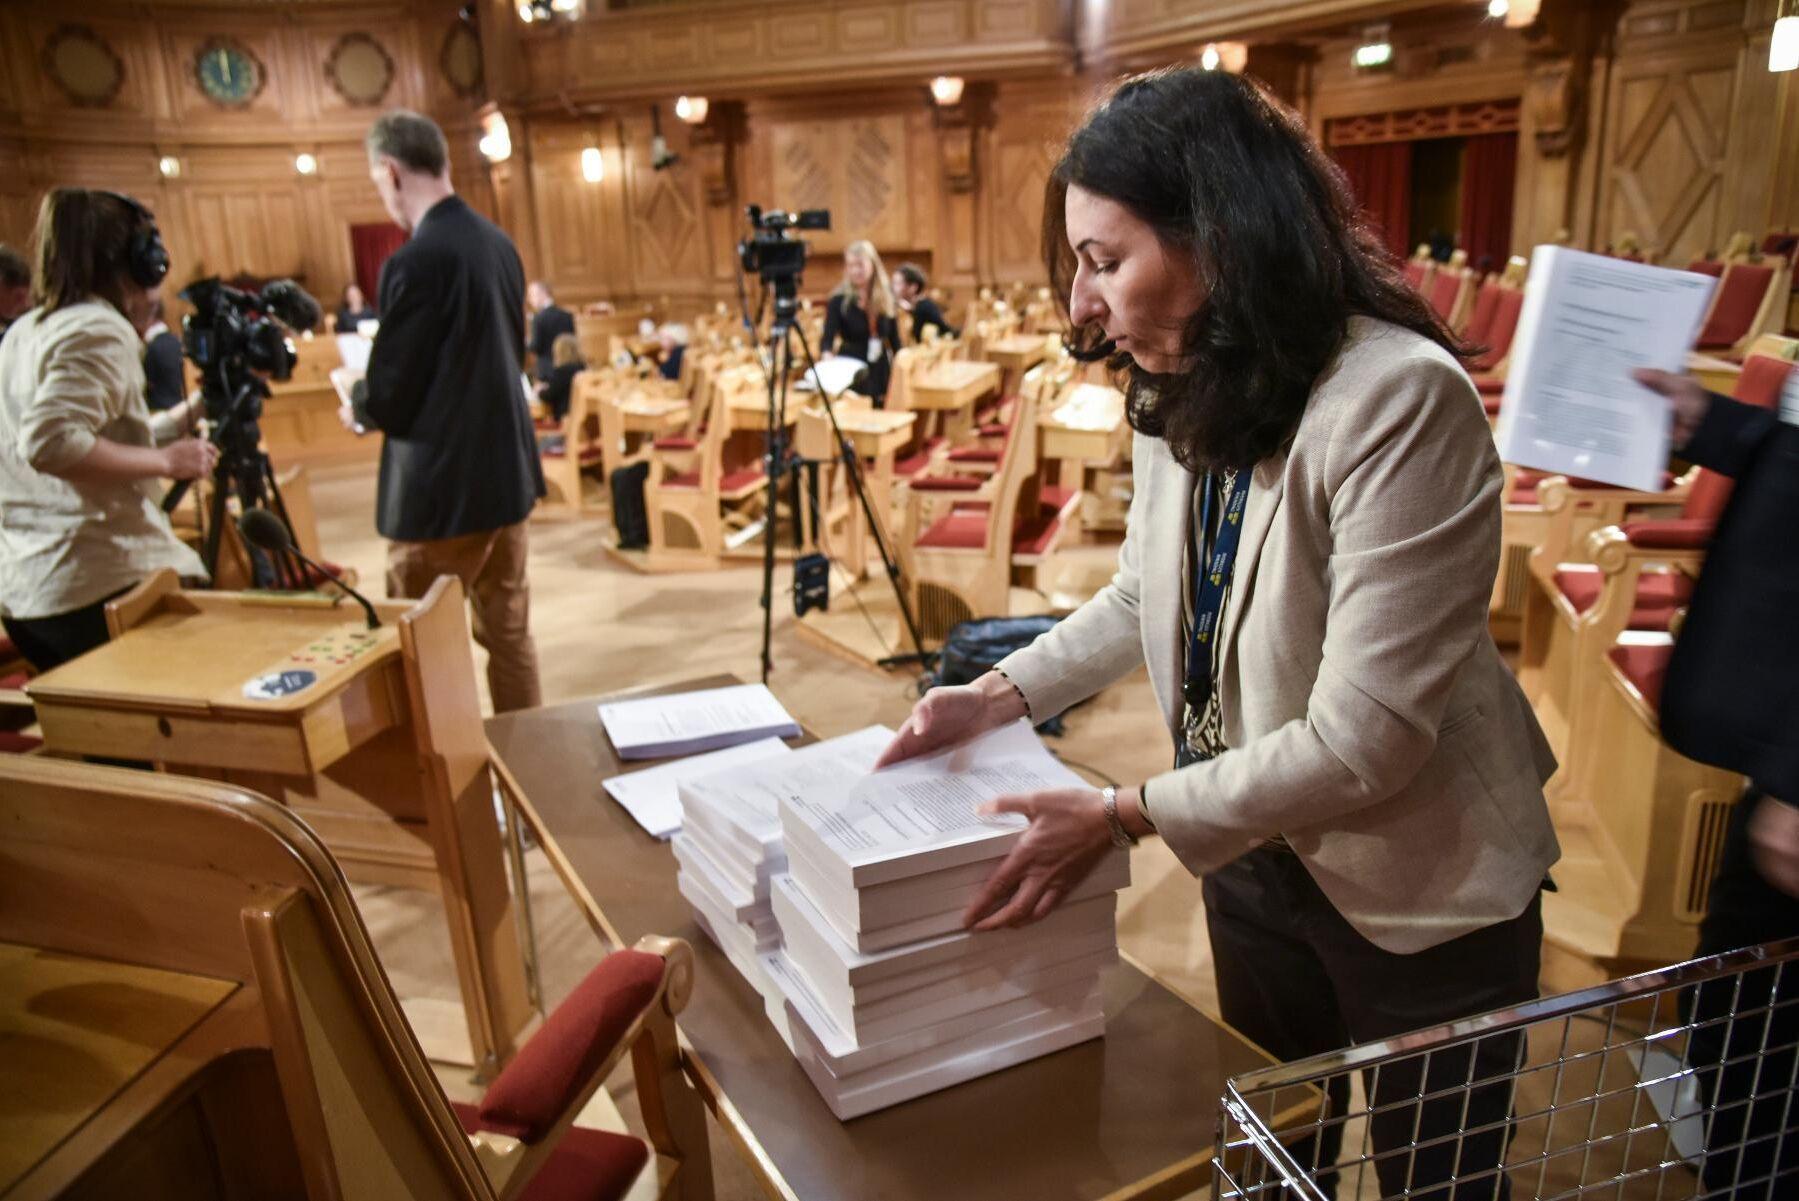 Konstitutionsutskottets granskningsbetänkande delas ut vid en pressträff i riksdagen. Mer än hälften av den rejäla luntan handlar om regeringens hantering av pandemin.